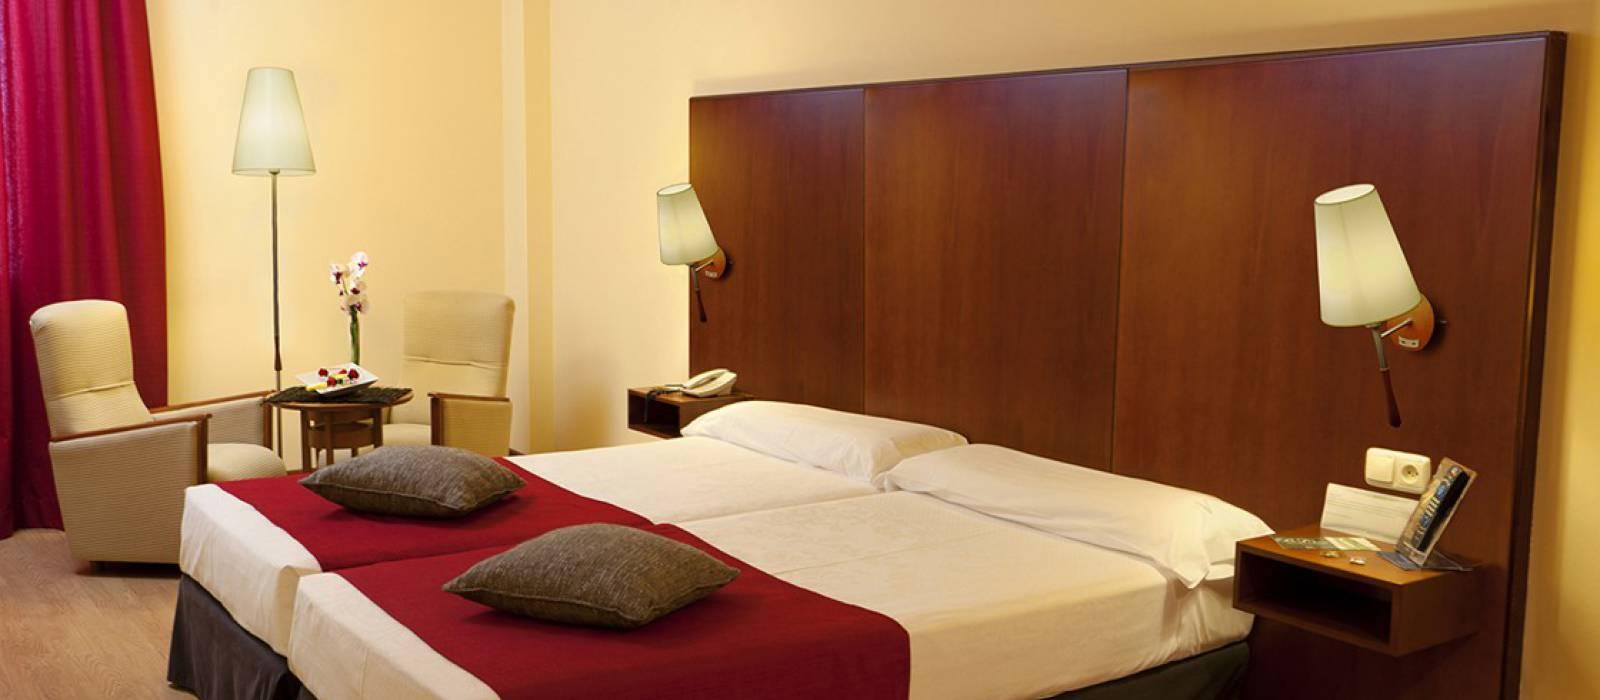 Offerte Città di Salamanca occasioni - Vincci Hoteles - Soggiorna 4 notti e risparmia!